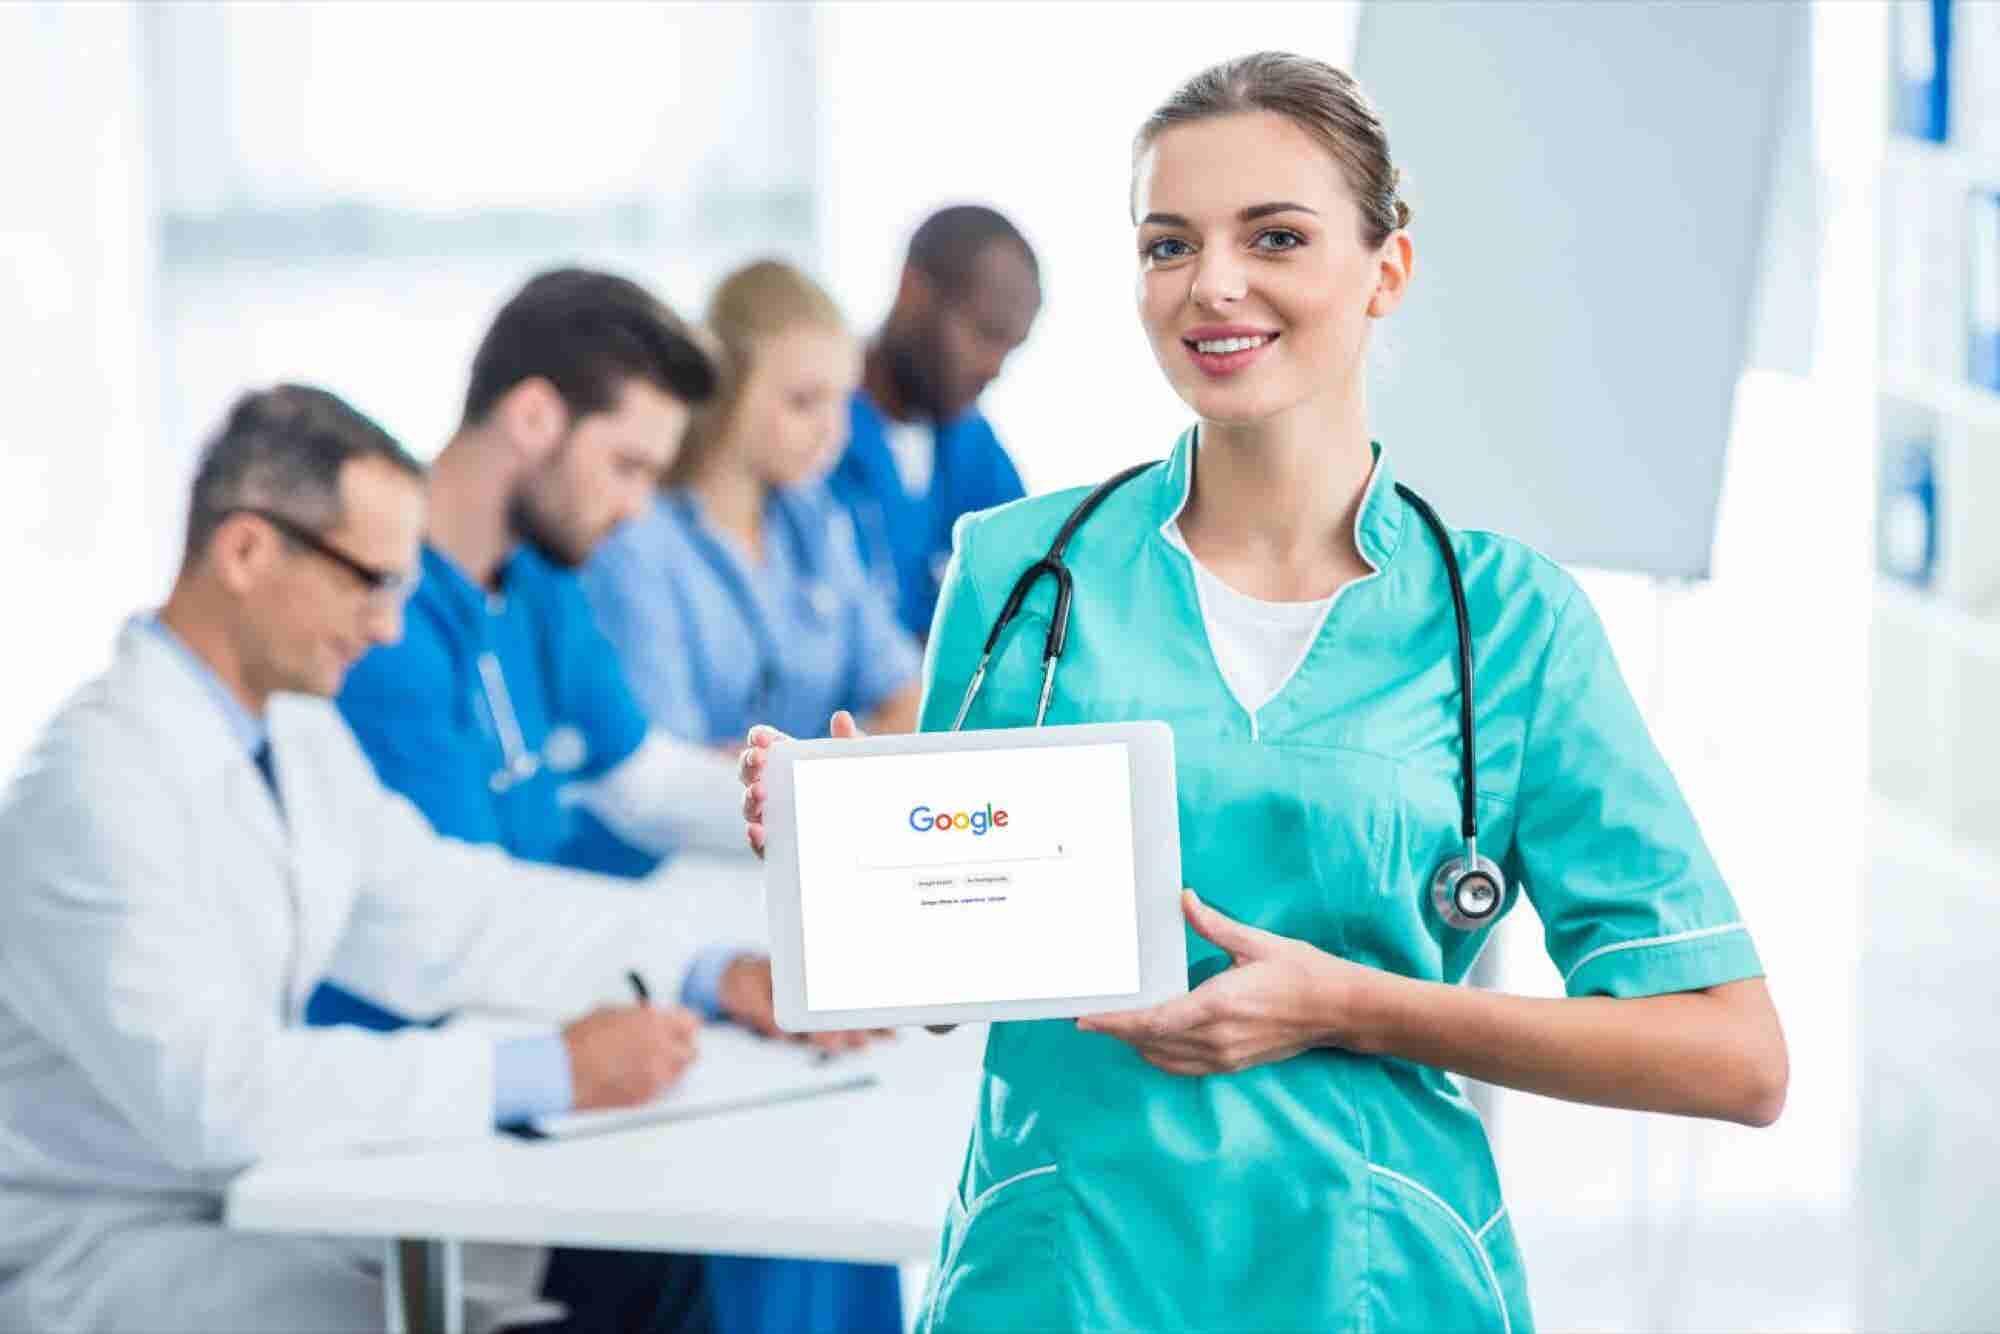 Adiós Dr. Google, esta startup dice de qué te enfermaste con ayuda de un médico